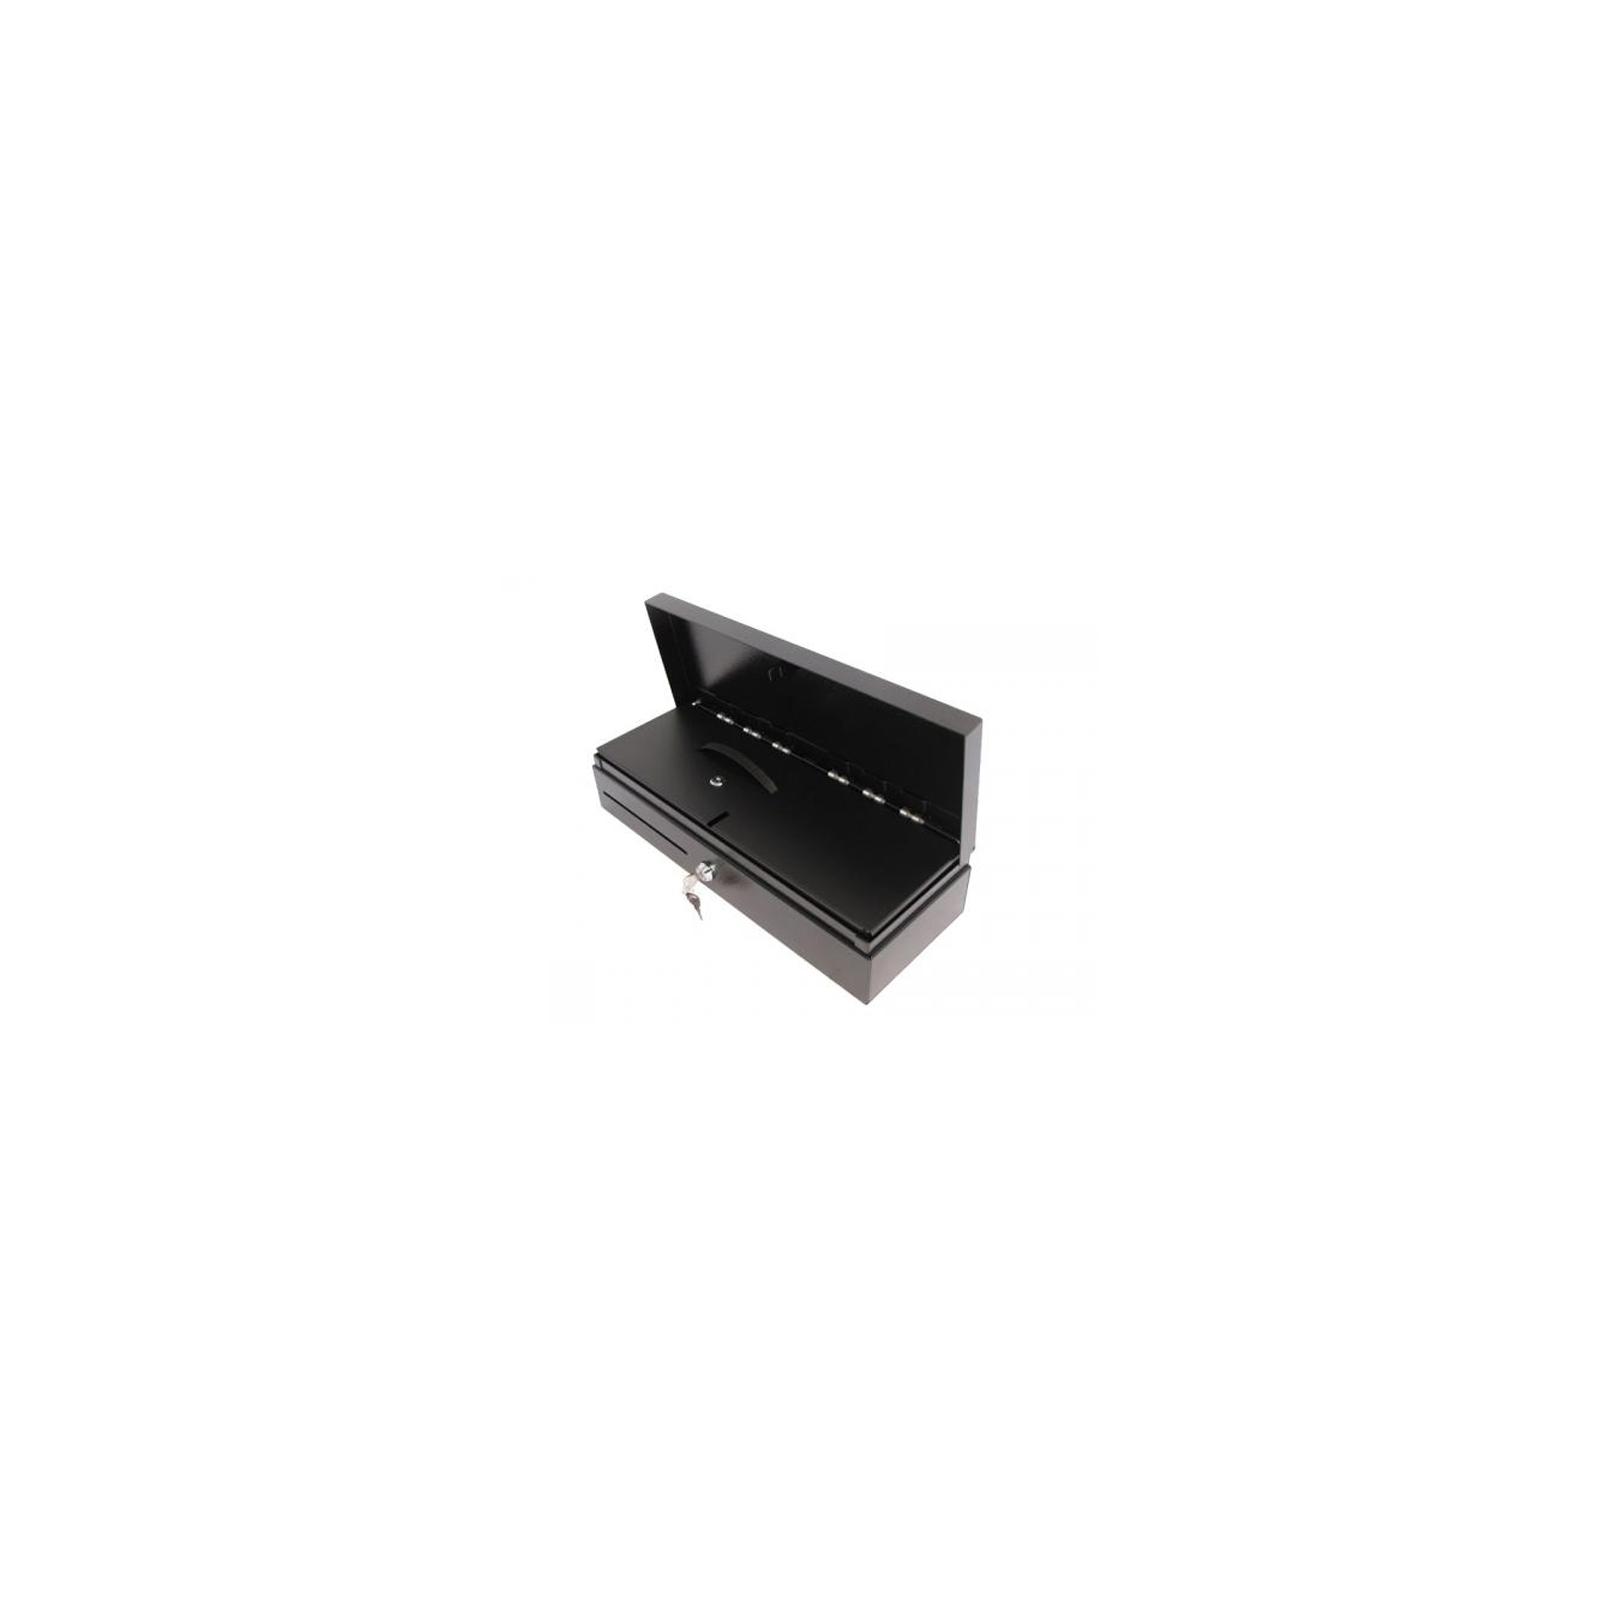 Денежный ящик HPC System HPC-460 FT Bk 12V изображение 2